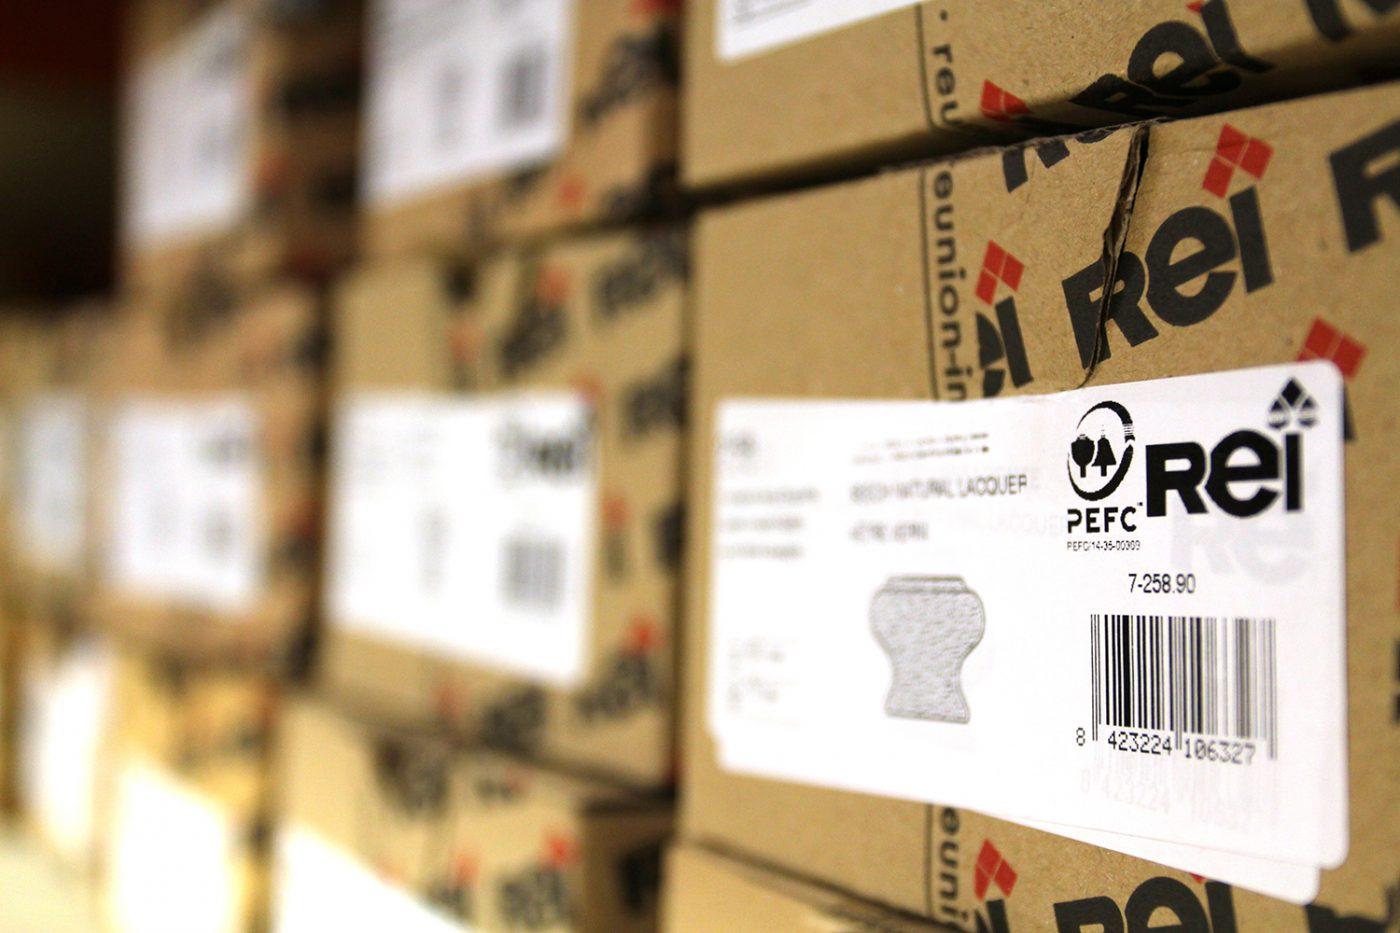 Los consumidores buscan la etiqueta PEFC en los productos que compran